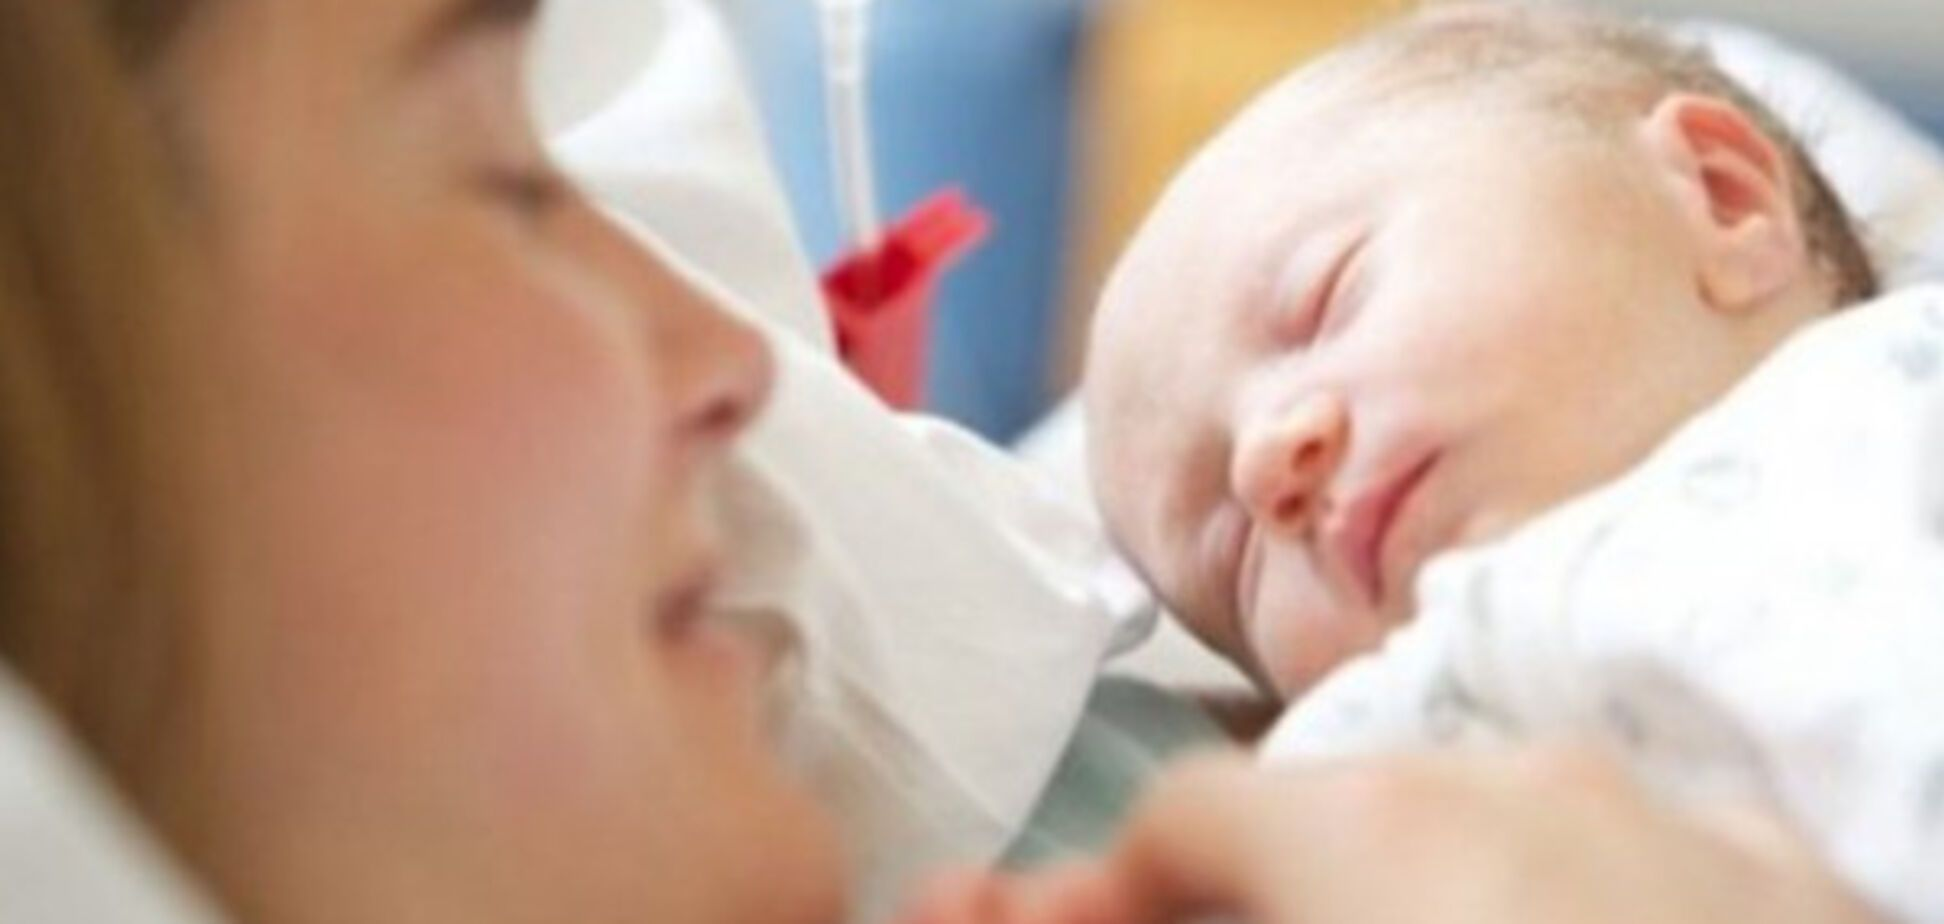 Австралійка народила одного близнюка і продовжує виношувати іншого